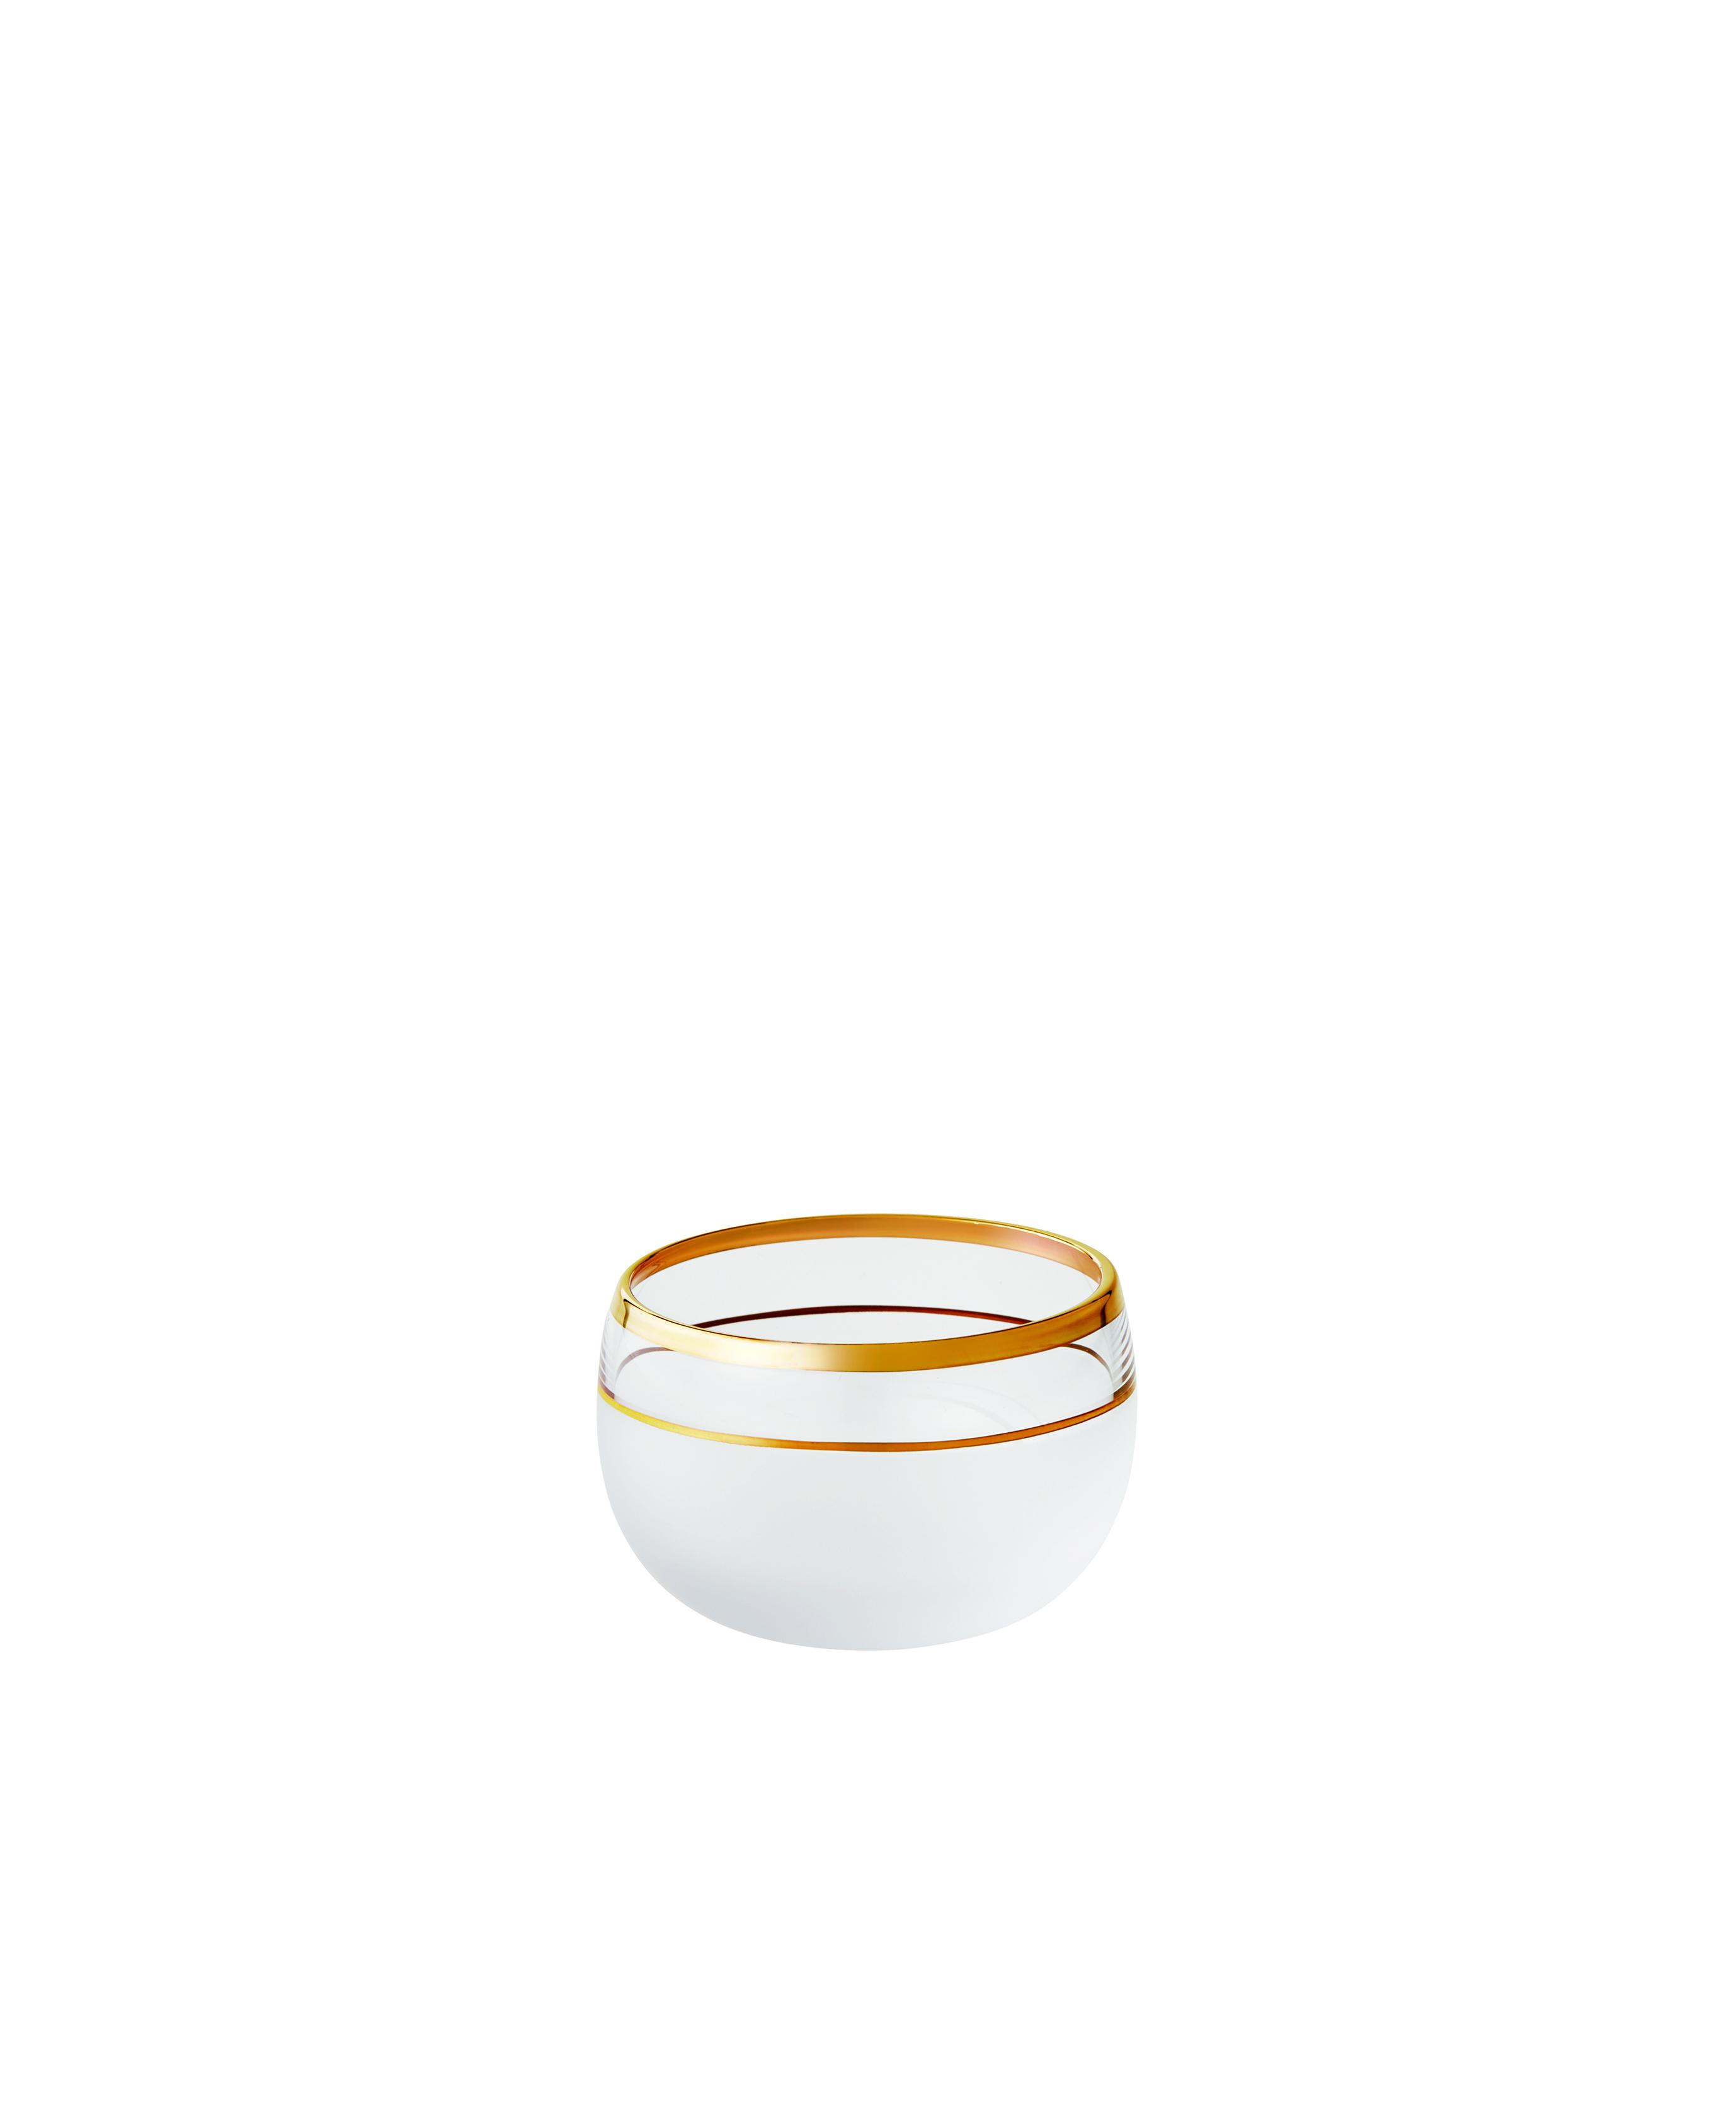 淡水 丸珍味 豆